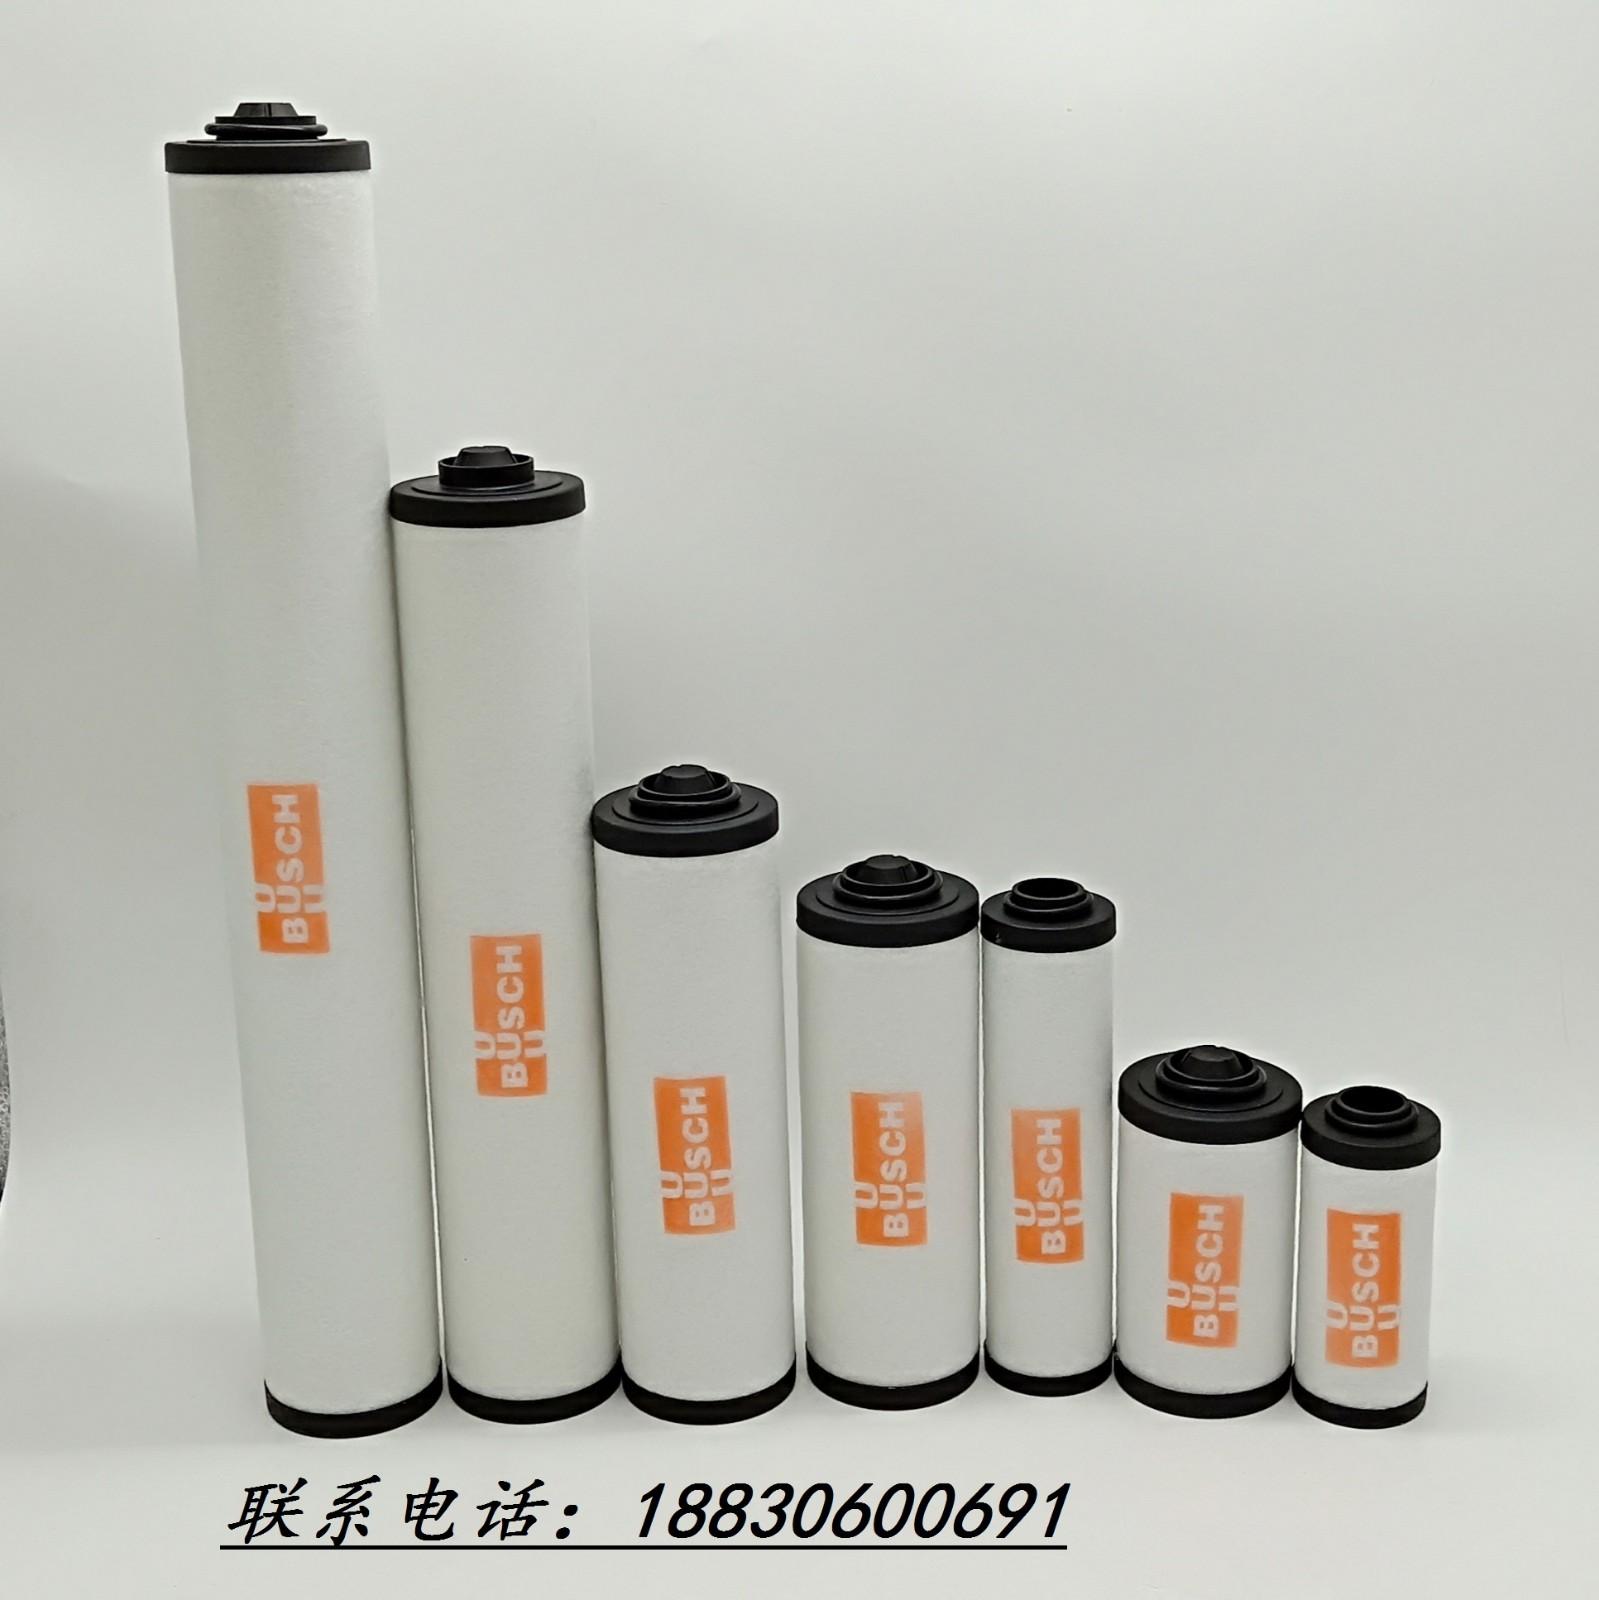 普旭真空泵油雾分离器0532000509